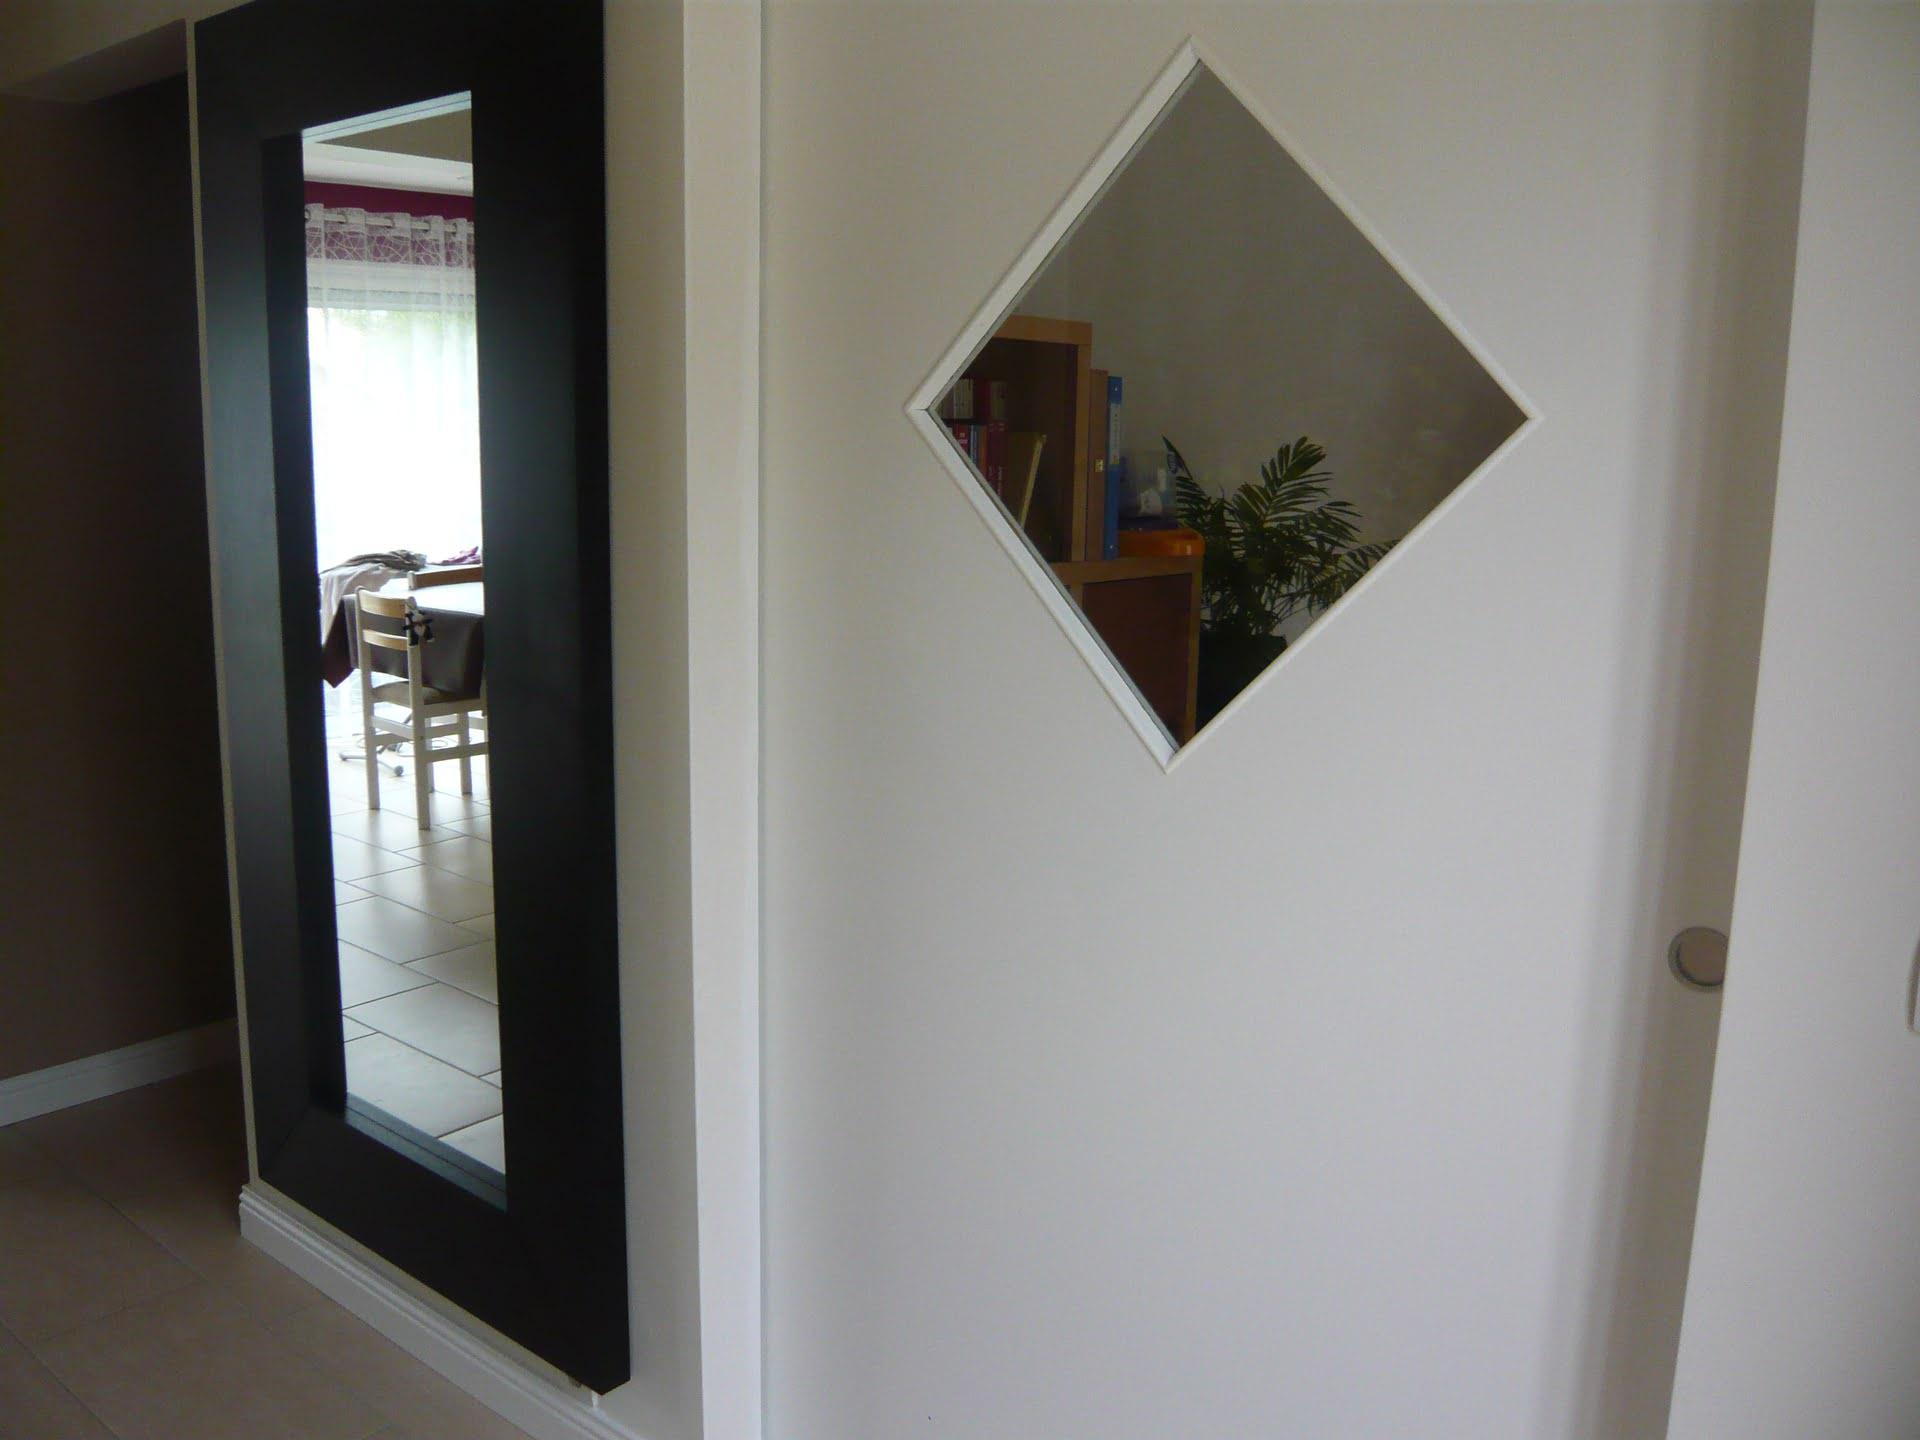 Exceptional Miroir Sur Mesure Pas Cher #7: Miroir Sur Mesure, Découpe Miroir Sur Mesure, Miroir Sur Mesure Prix, Miroir  Sur